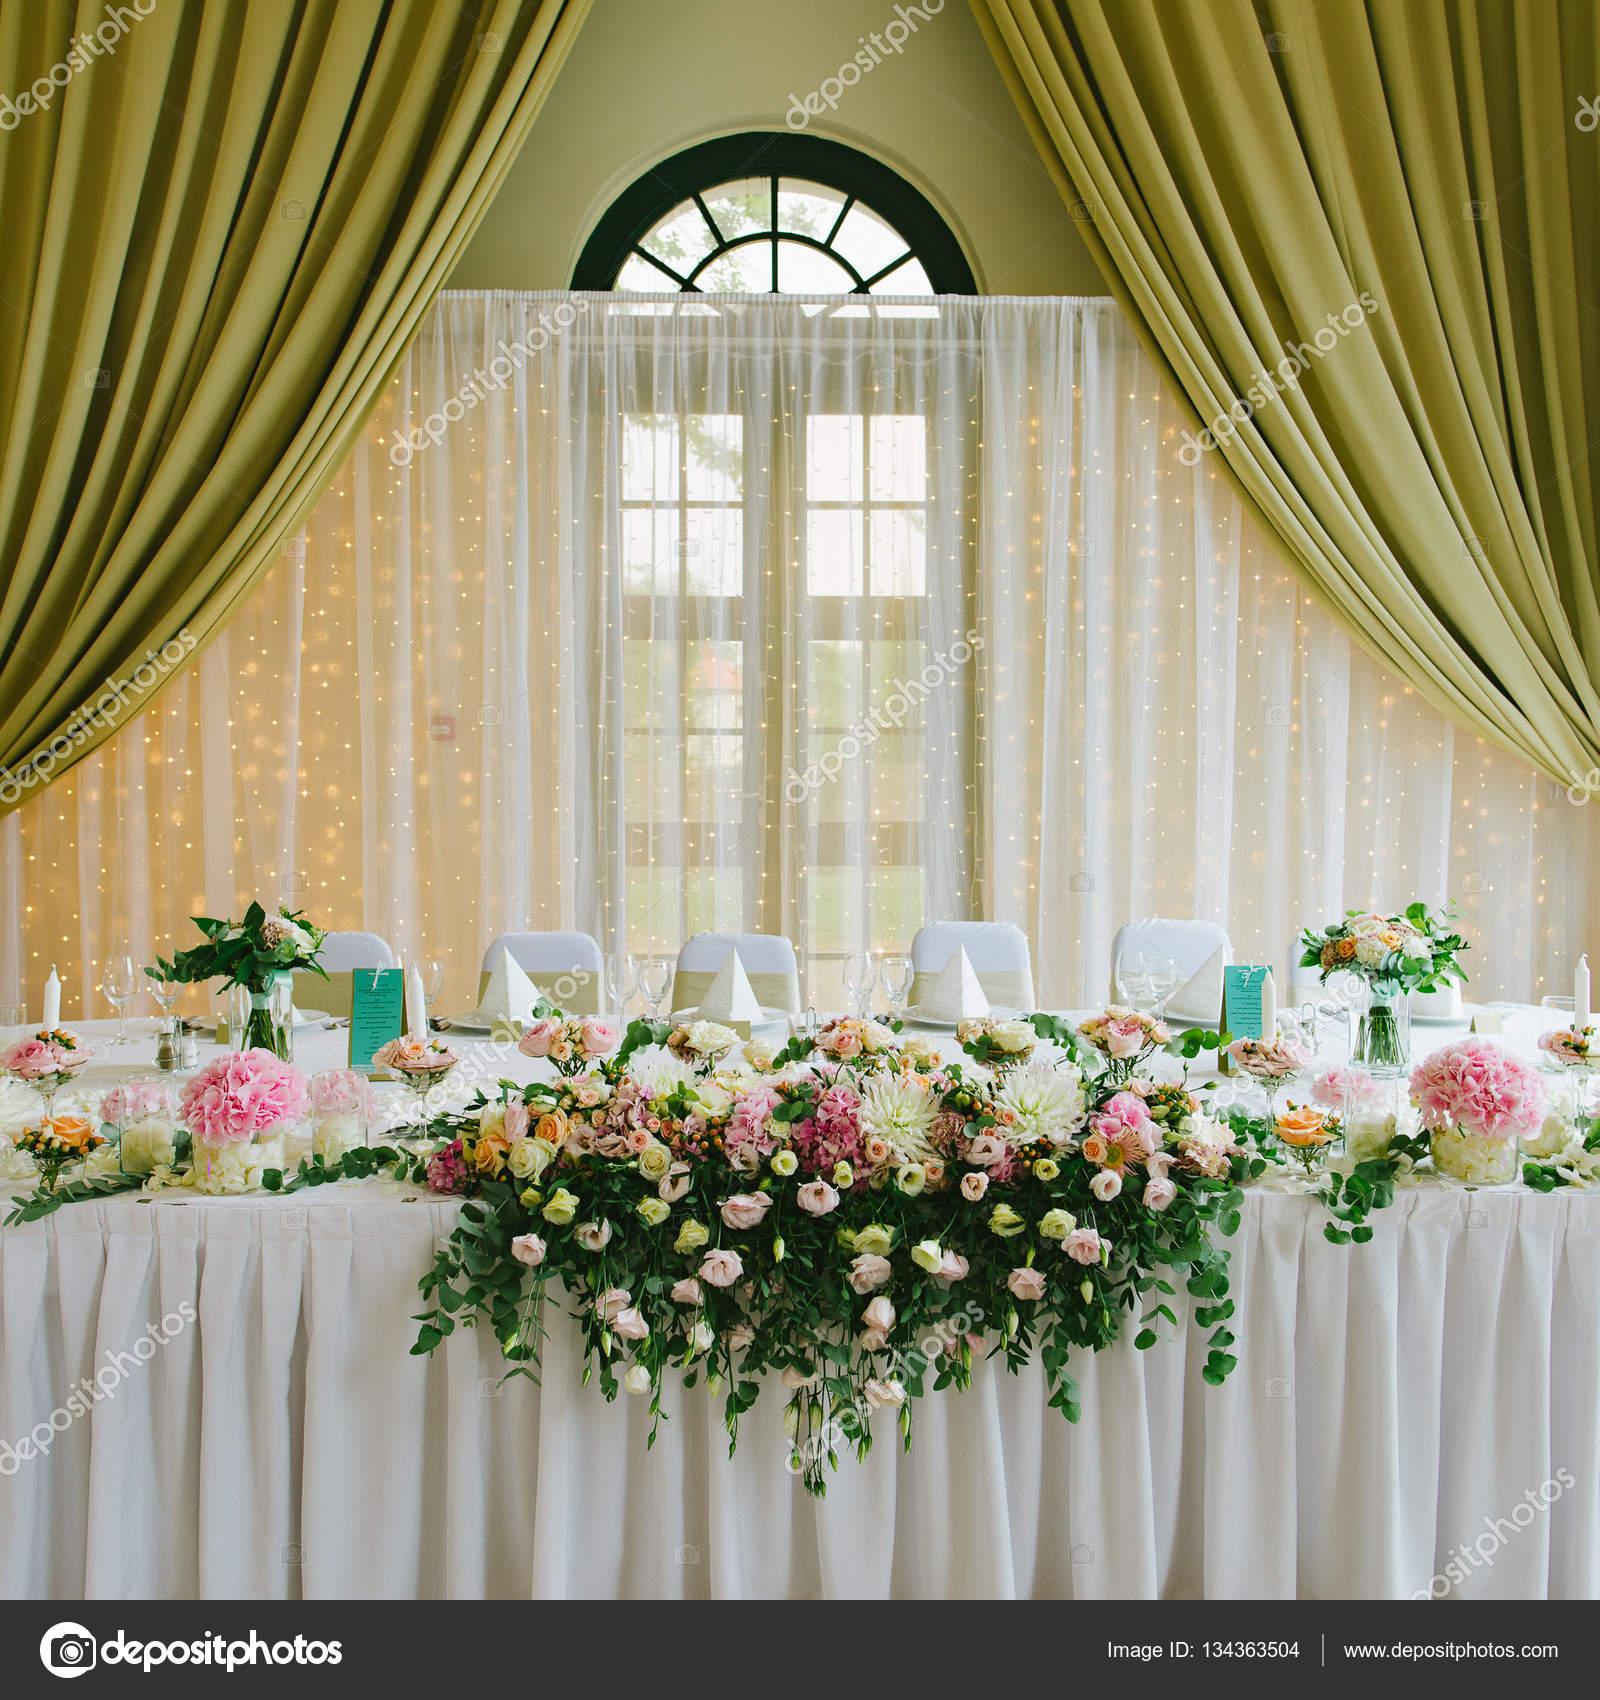 Elegant wedding decorations stock photo loriklaszlo 134363504 elegant wedding decorations stock photo junglespirit Choice Image